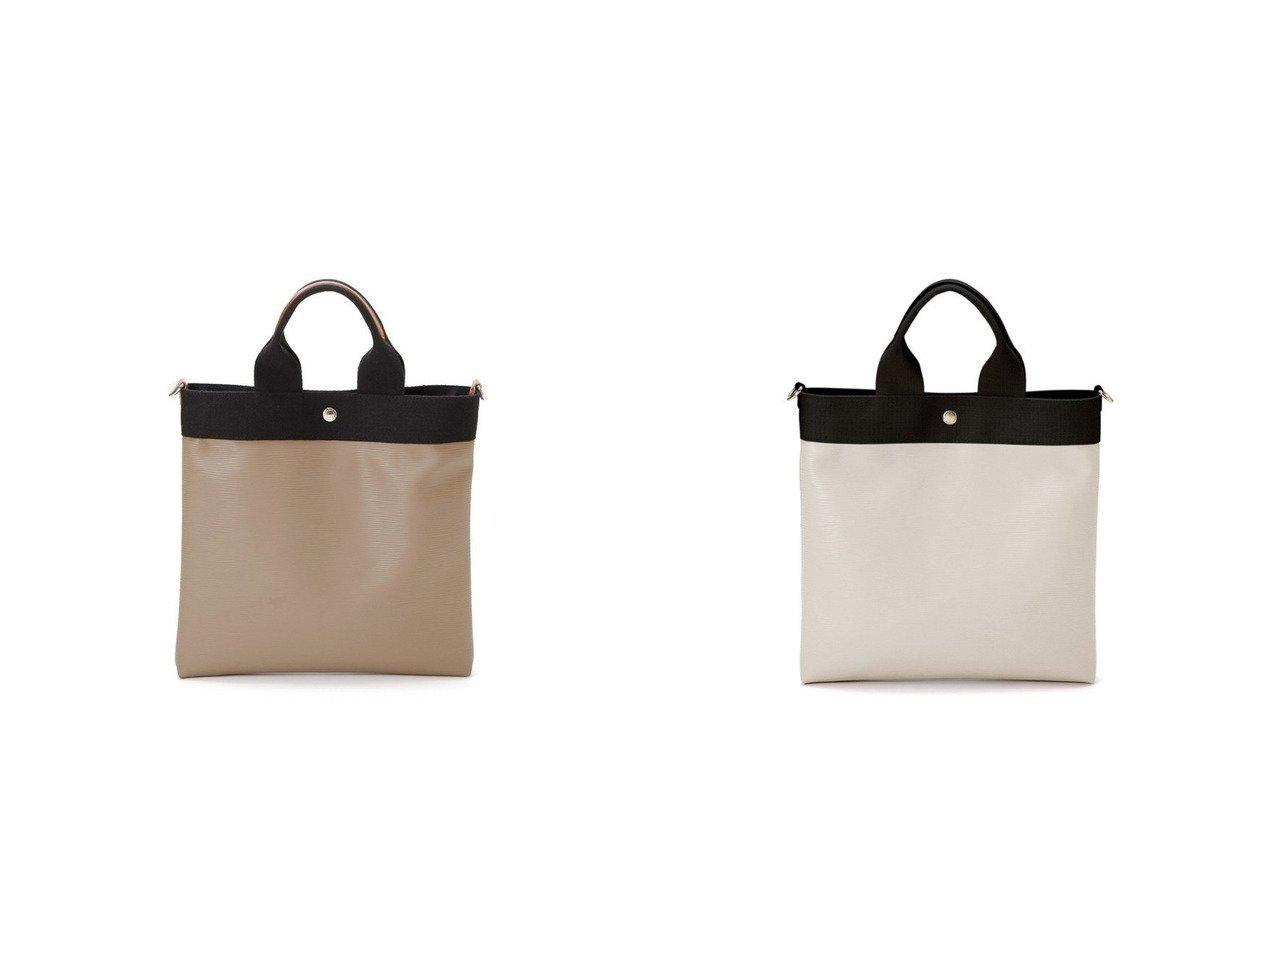 【TOPKAPI BREATH/トプカピ ブレス】のリプル ネオレザー 2way A4 トート バッグ スリム M 【バッグ・鞄】おすすめ!人気、トレンド・レディースファッションの通販 おすすめで人気の流行・トレンド、ファッションの通販商品 メンズファッション・キッズファッション・インテリア・家具・レディースファッション・服の通販 founy(ファニー) https://founy.com/ ファッション Fashion レディースファッション WOMEN バッグ Bag アウトドア シンプル スリム 日本製 Made in Japan |ID:crp329100000034980